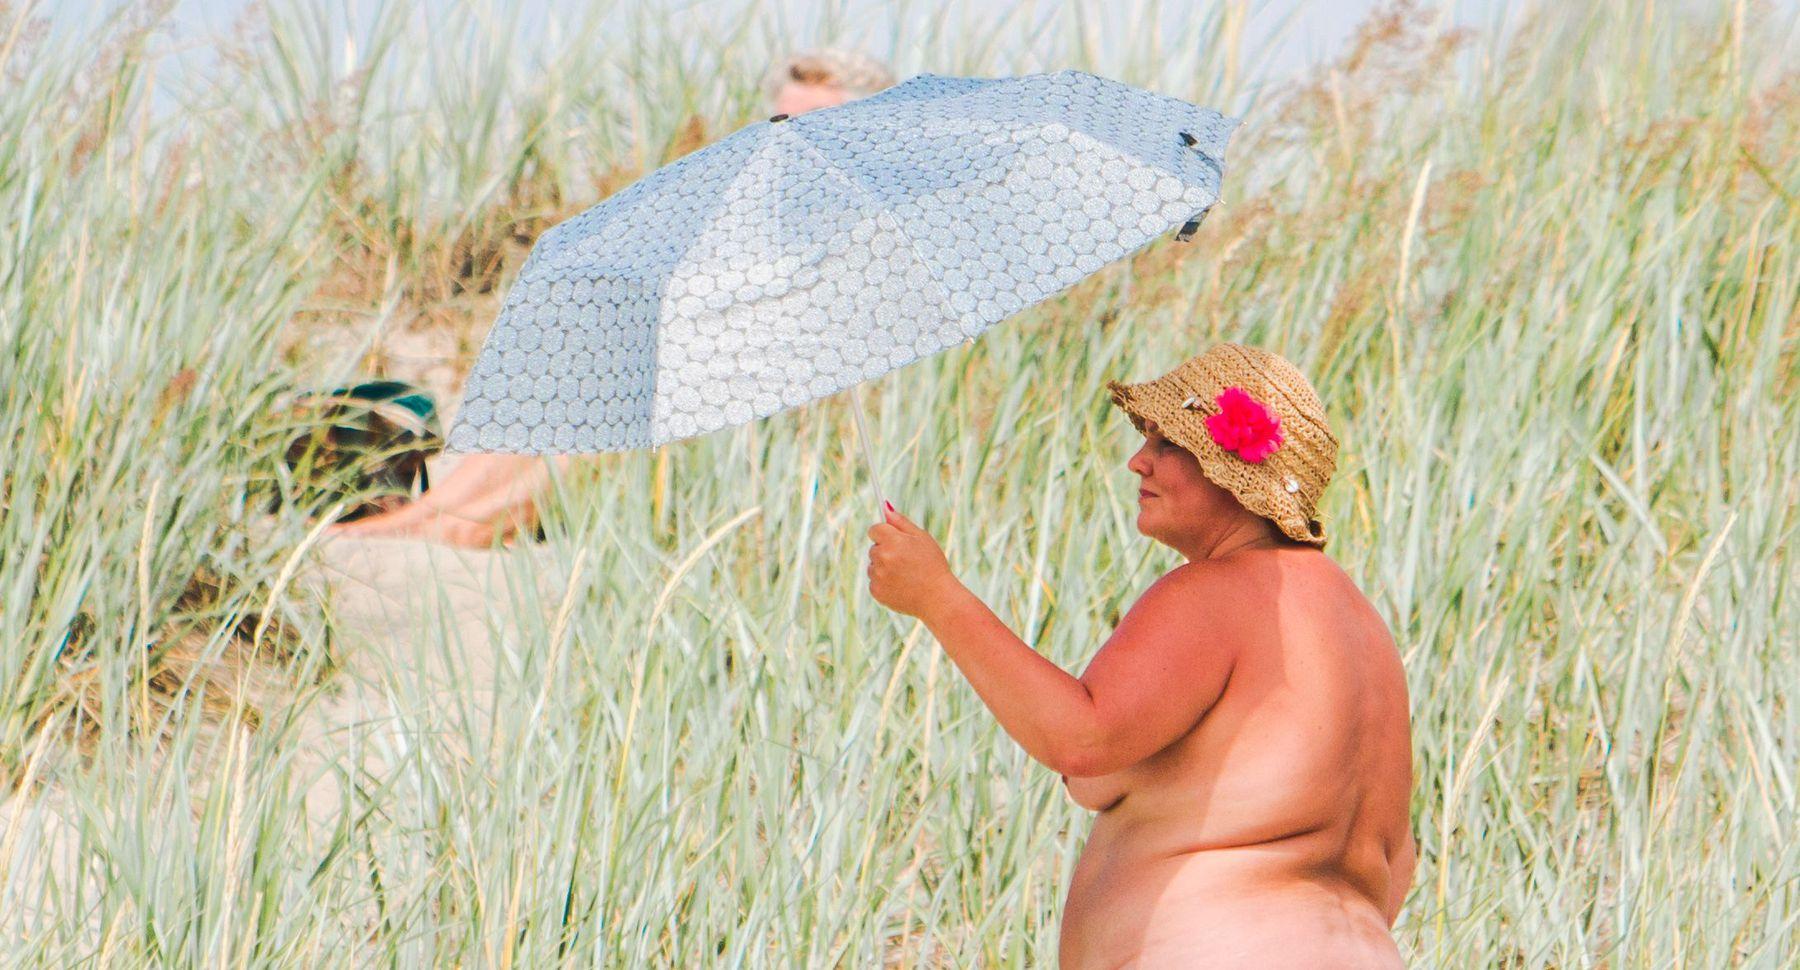 Продолжалось нудистский пляж ярославль